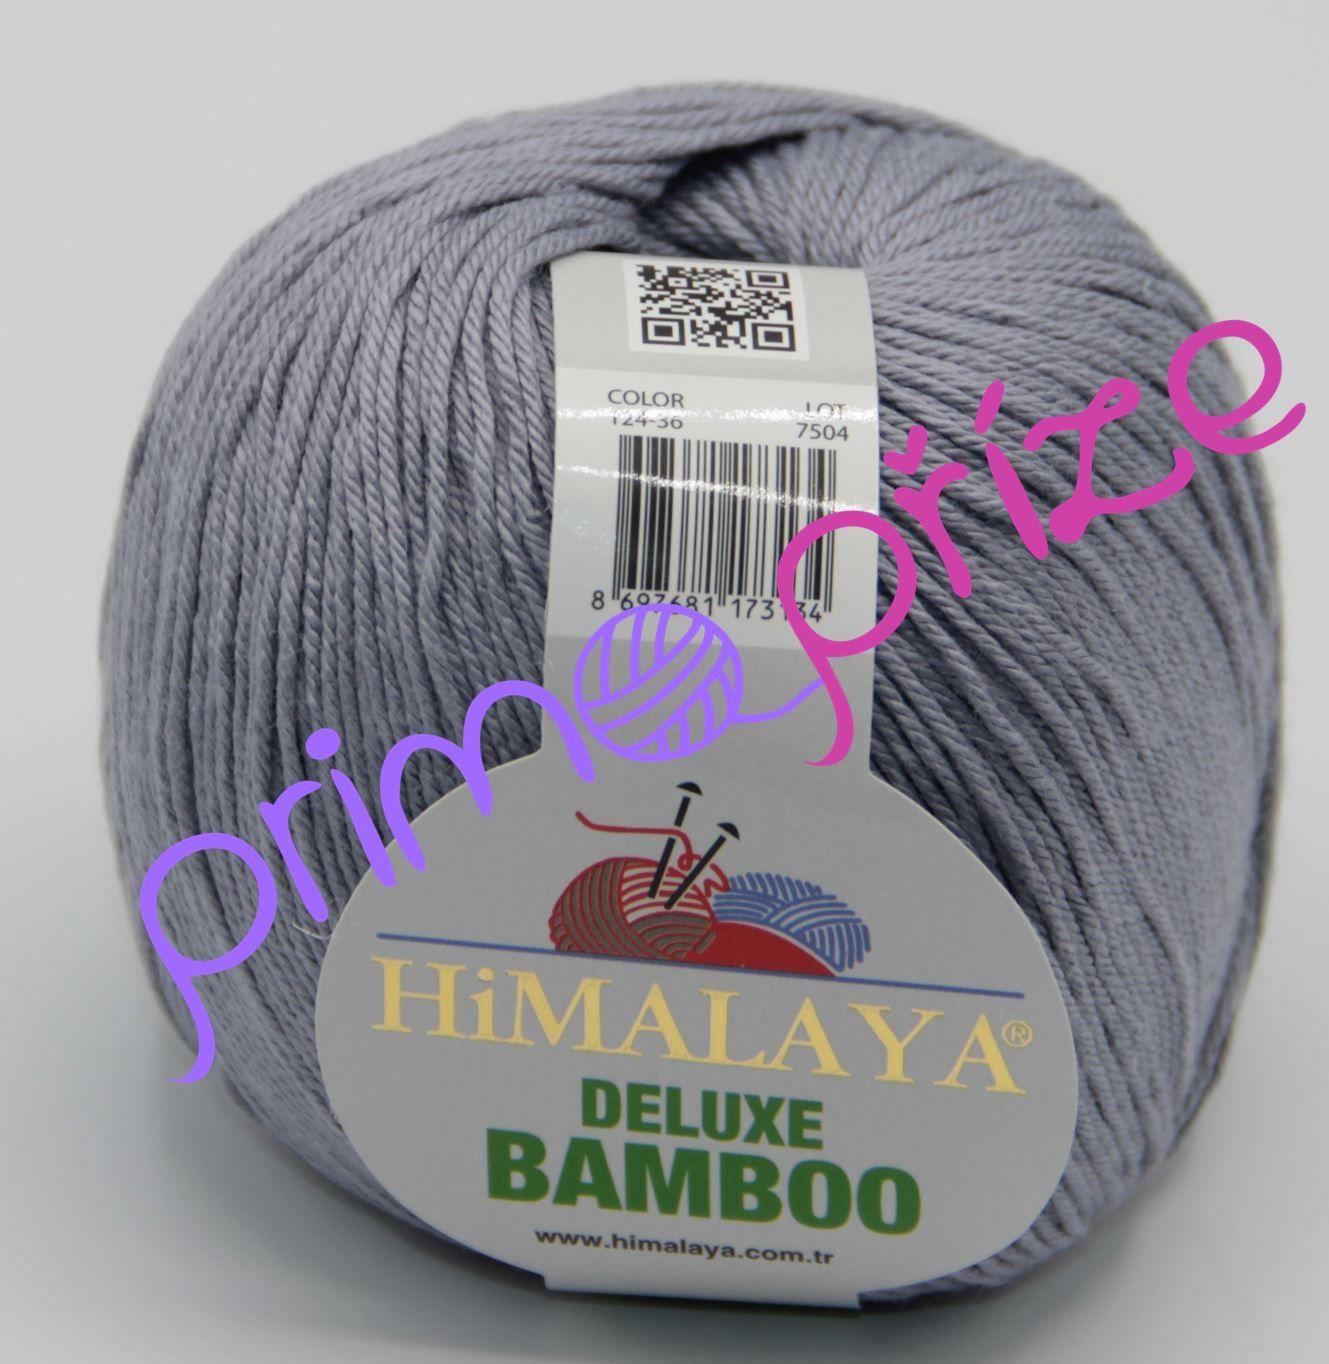 HIMALAYA Deluxe Bamboo 124-36 šedá